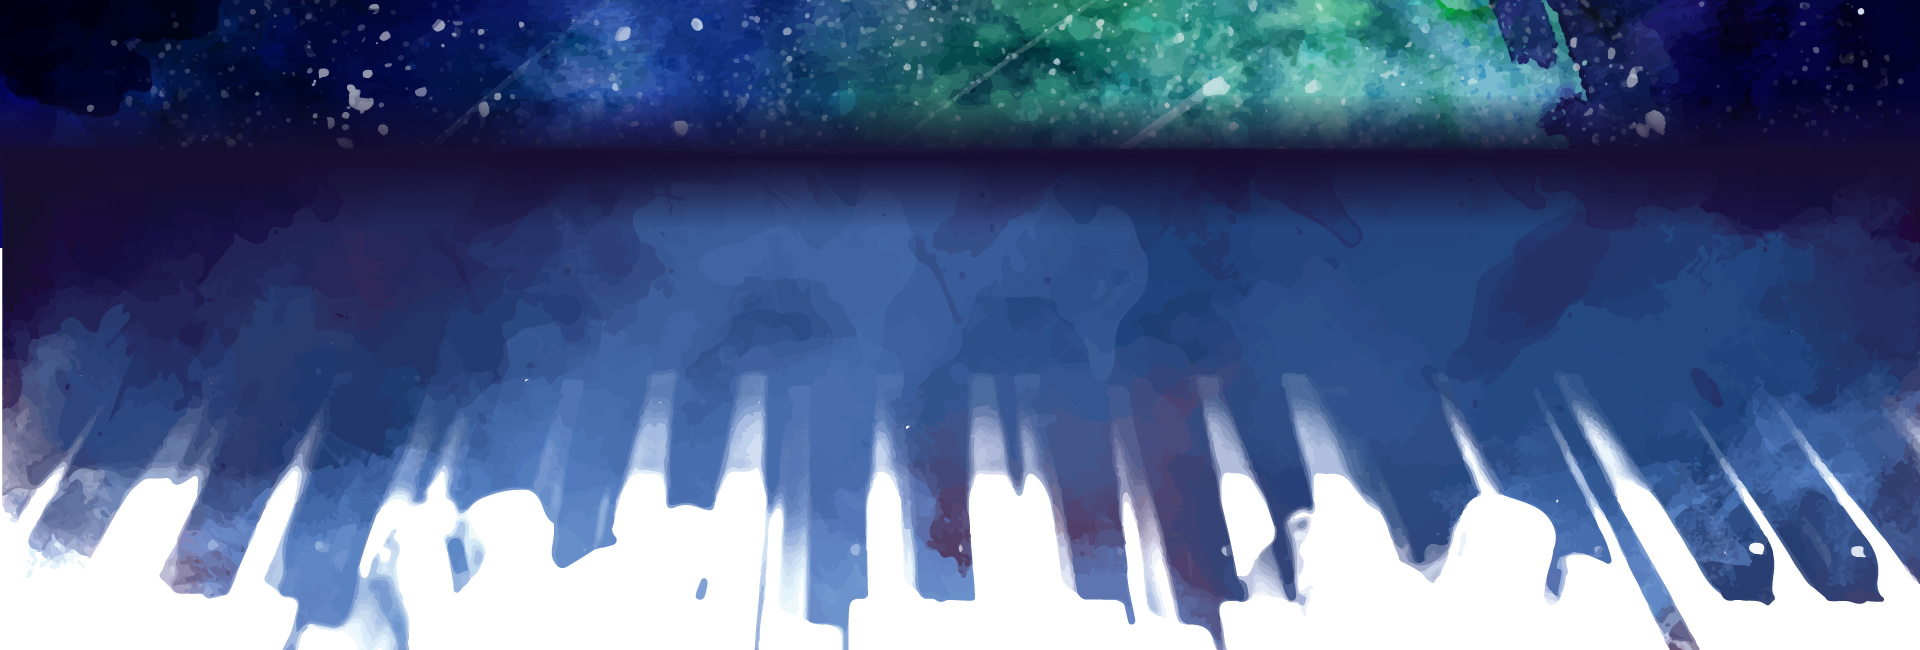 Piano-bajo-las-estrellas_Feb2019-02